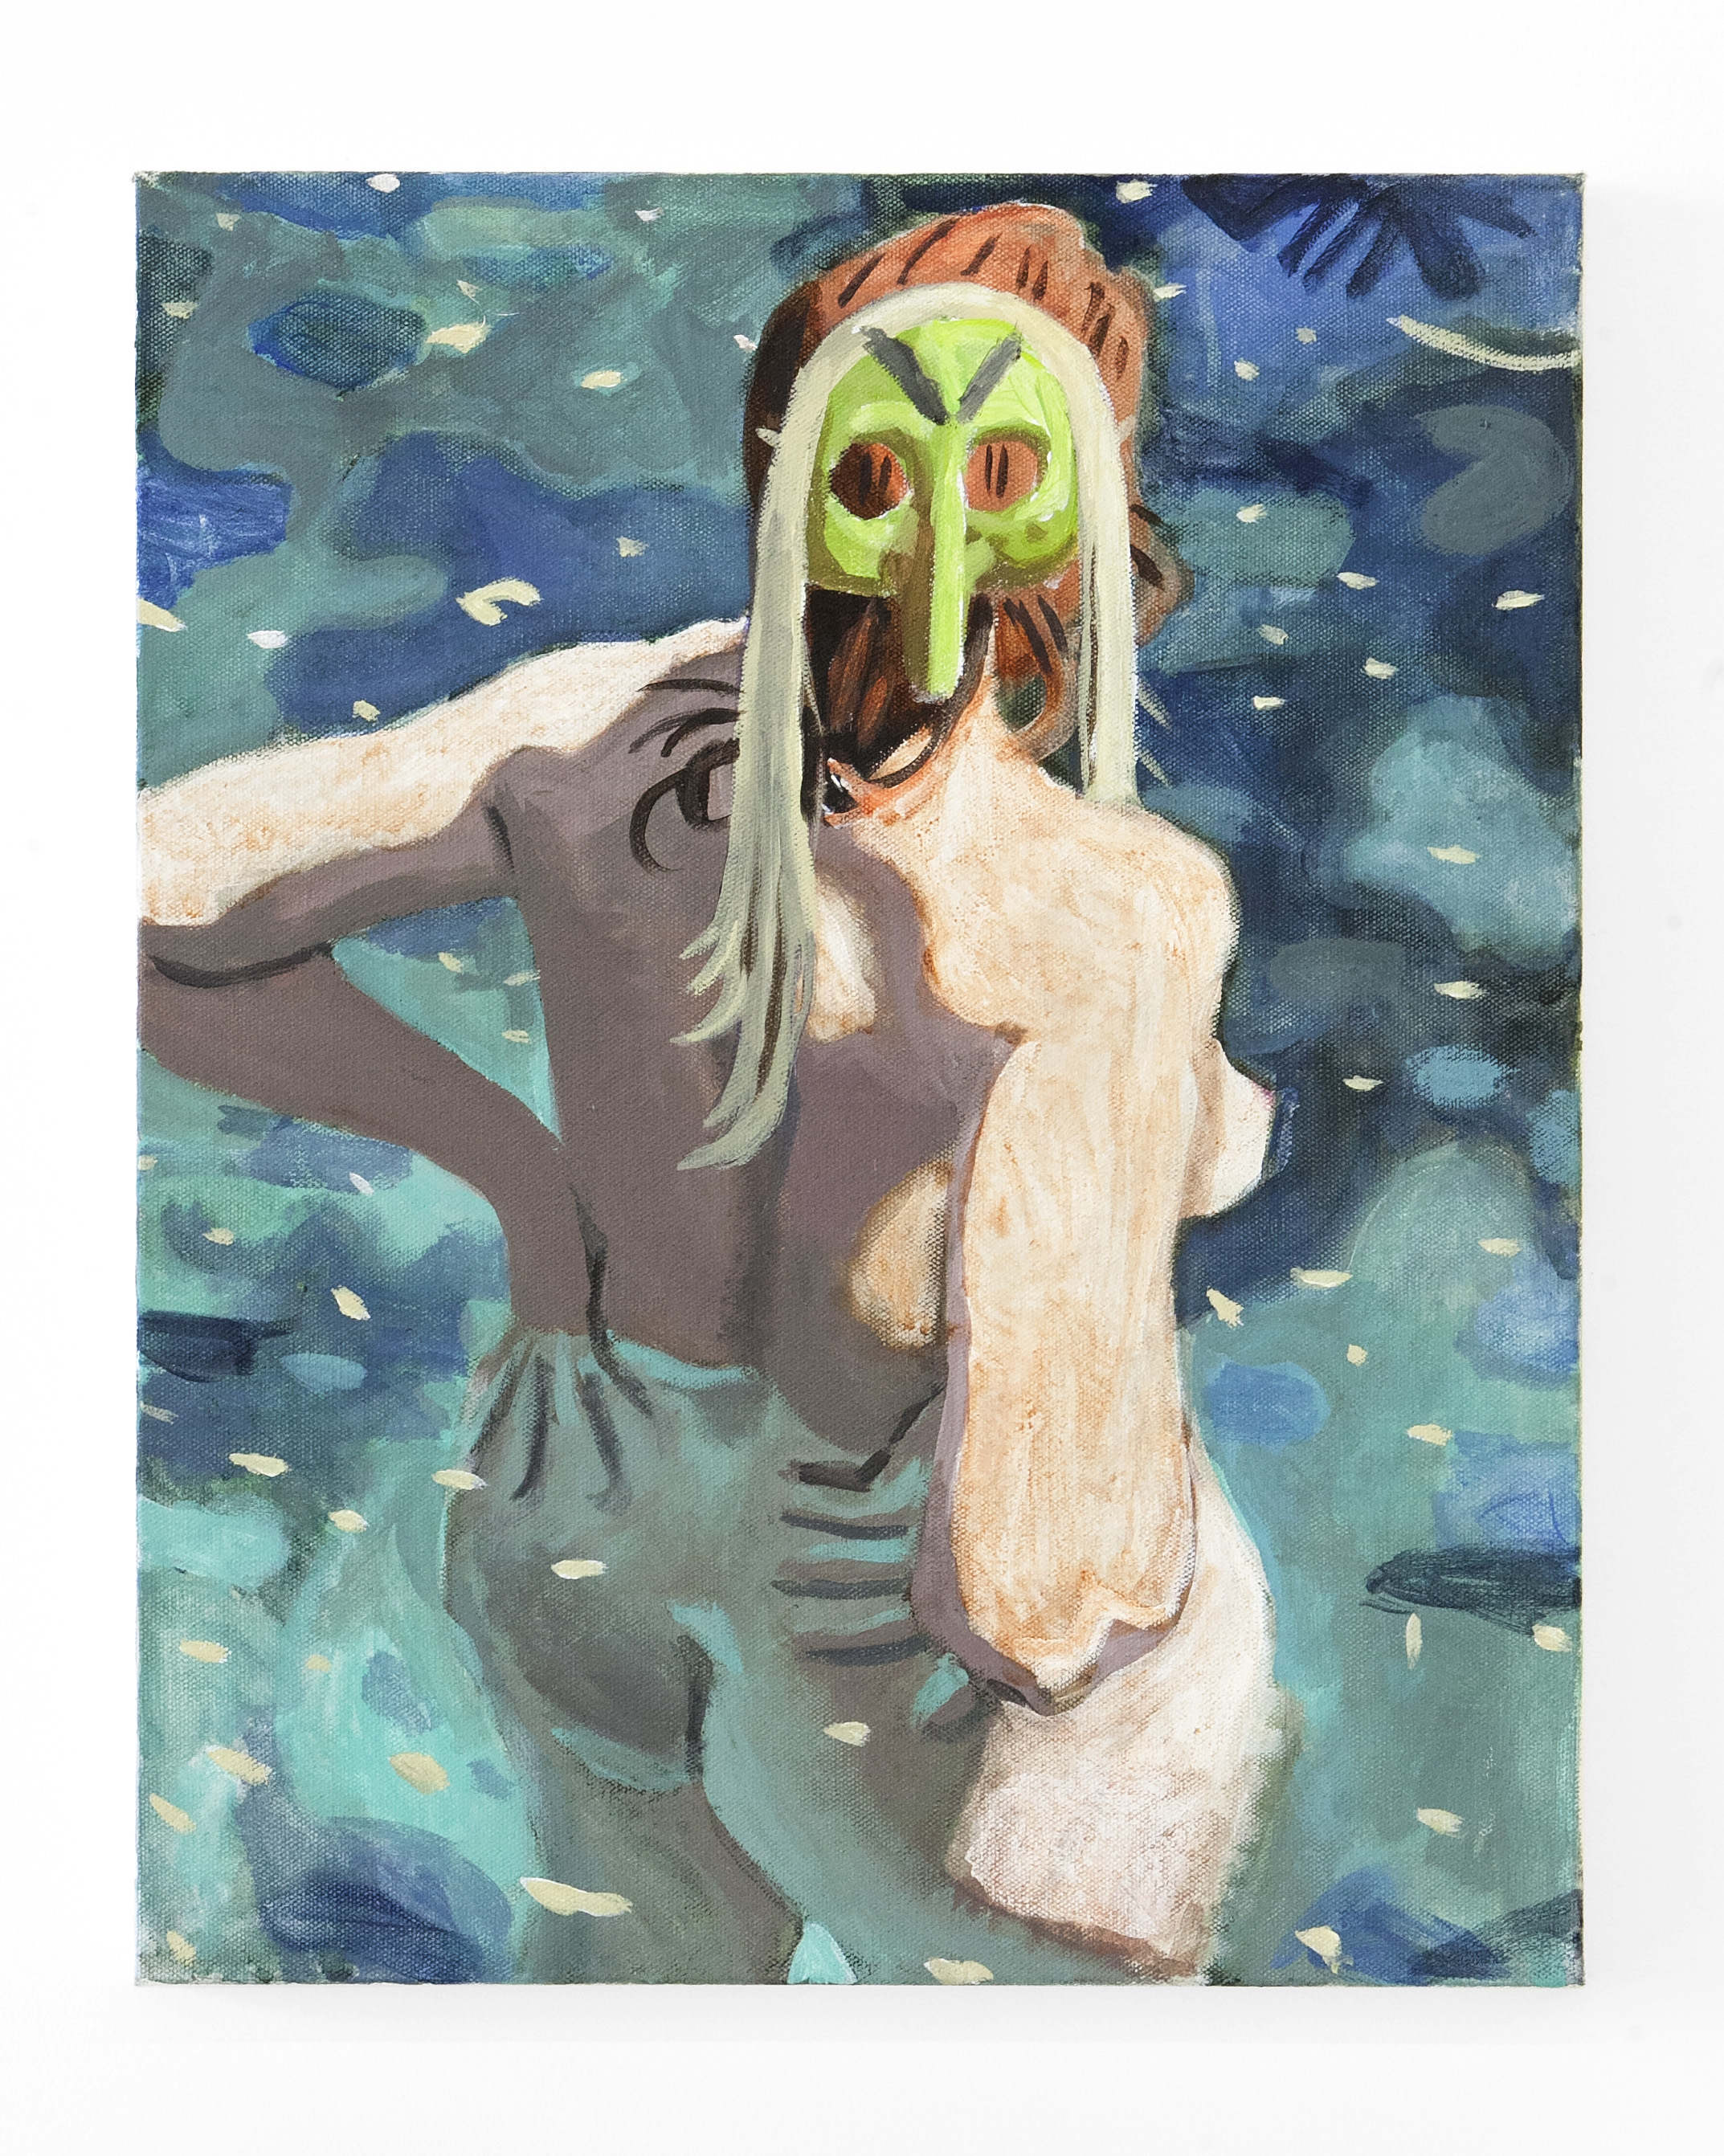 woodrowwhite_nudeswimmer.jpg